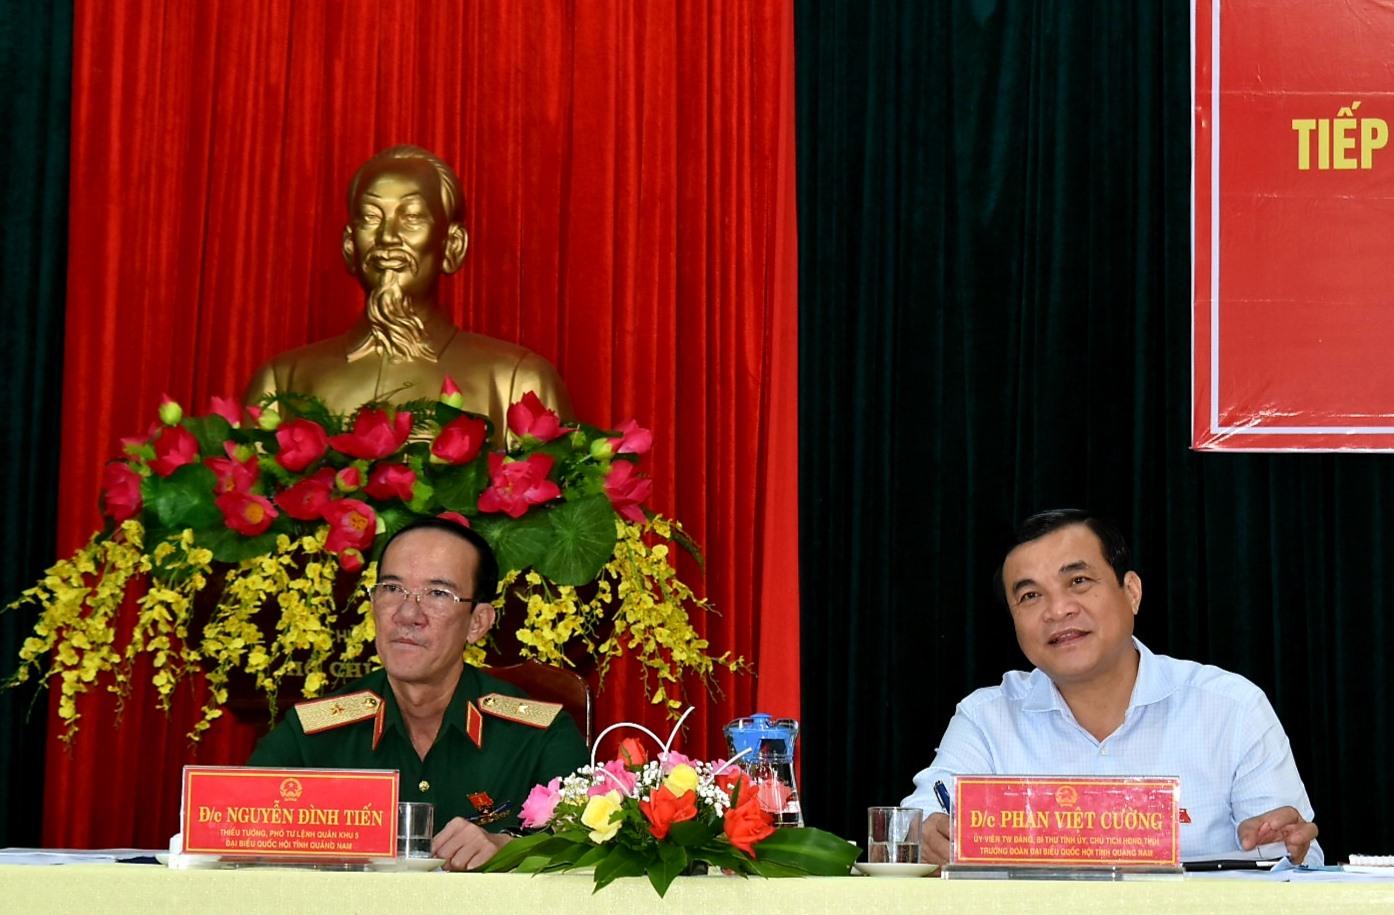 Các ĐBQH Phan Việt Cường và Nguyễn Đình Tiến lắng nghe kiến nghị của cử tri. Ảnh: VĂN SỰ